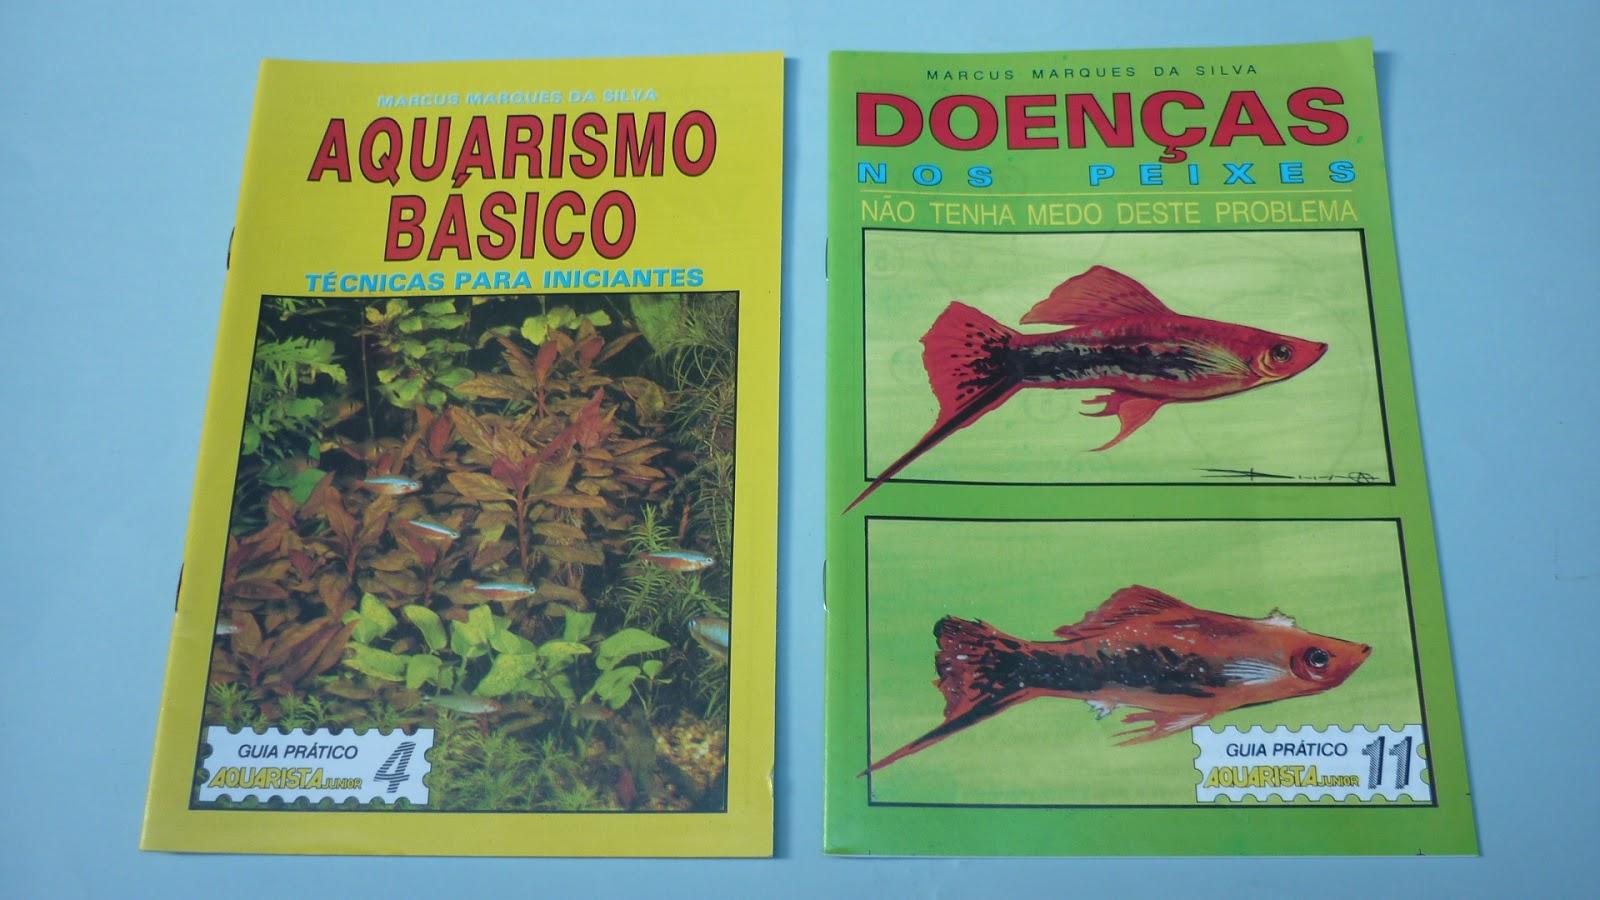 gratis revista de aquarismo